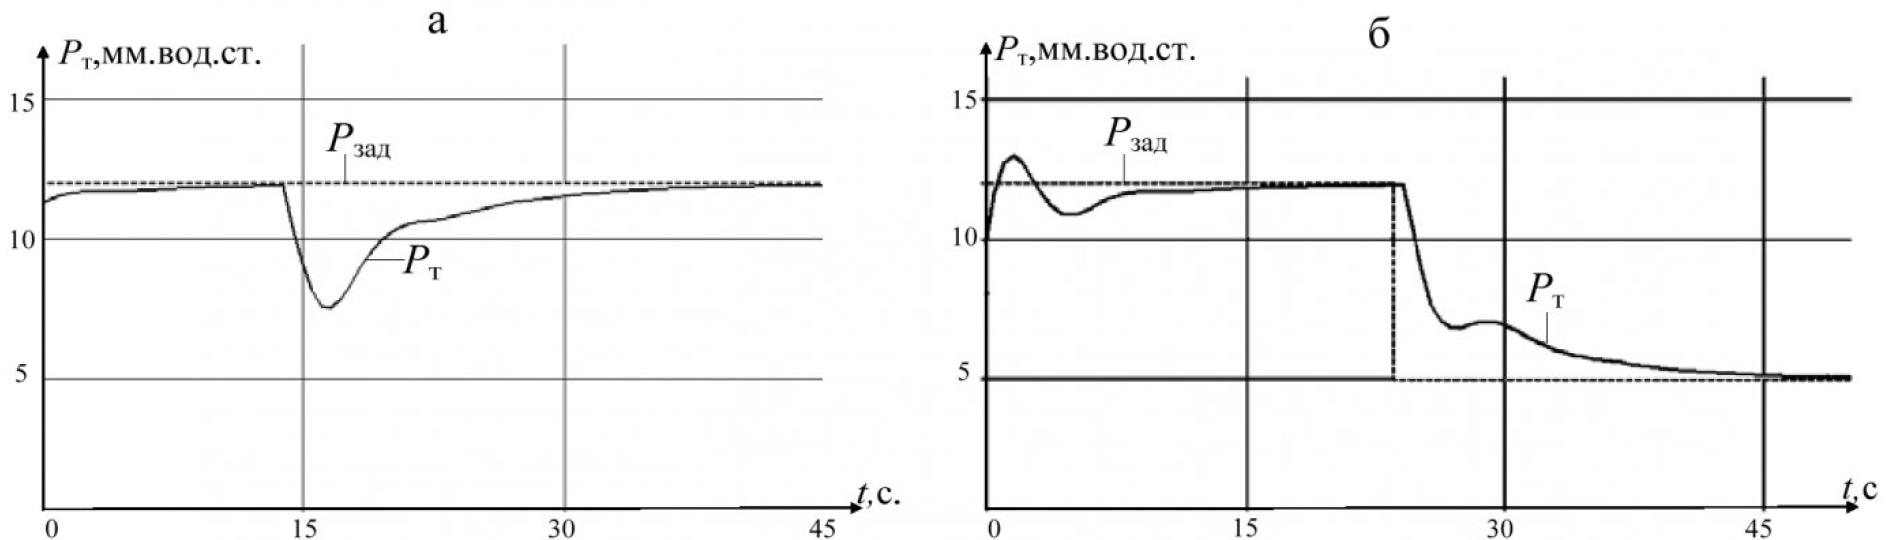 Рисунок 7 - Графики изменения разряжения в топке котла при скачкообразном изменении возмущения (а) и задания (б) с параметрами настройки ПИ-регулятора